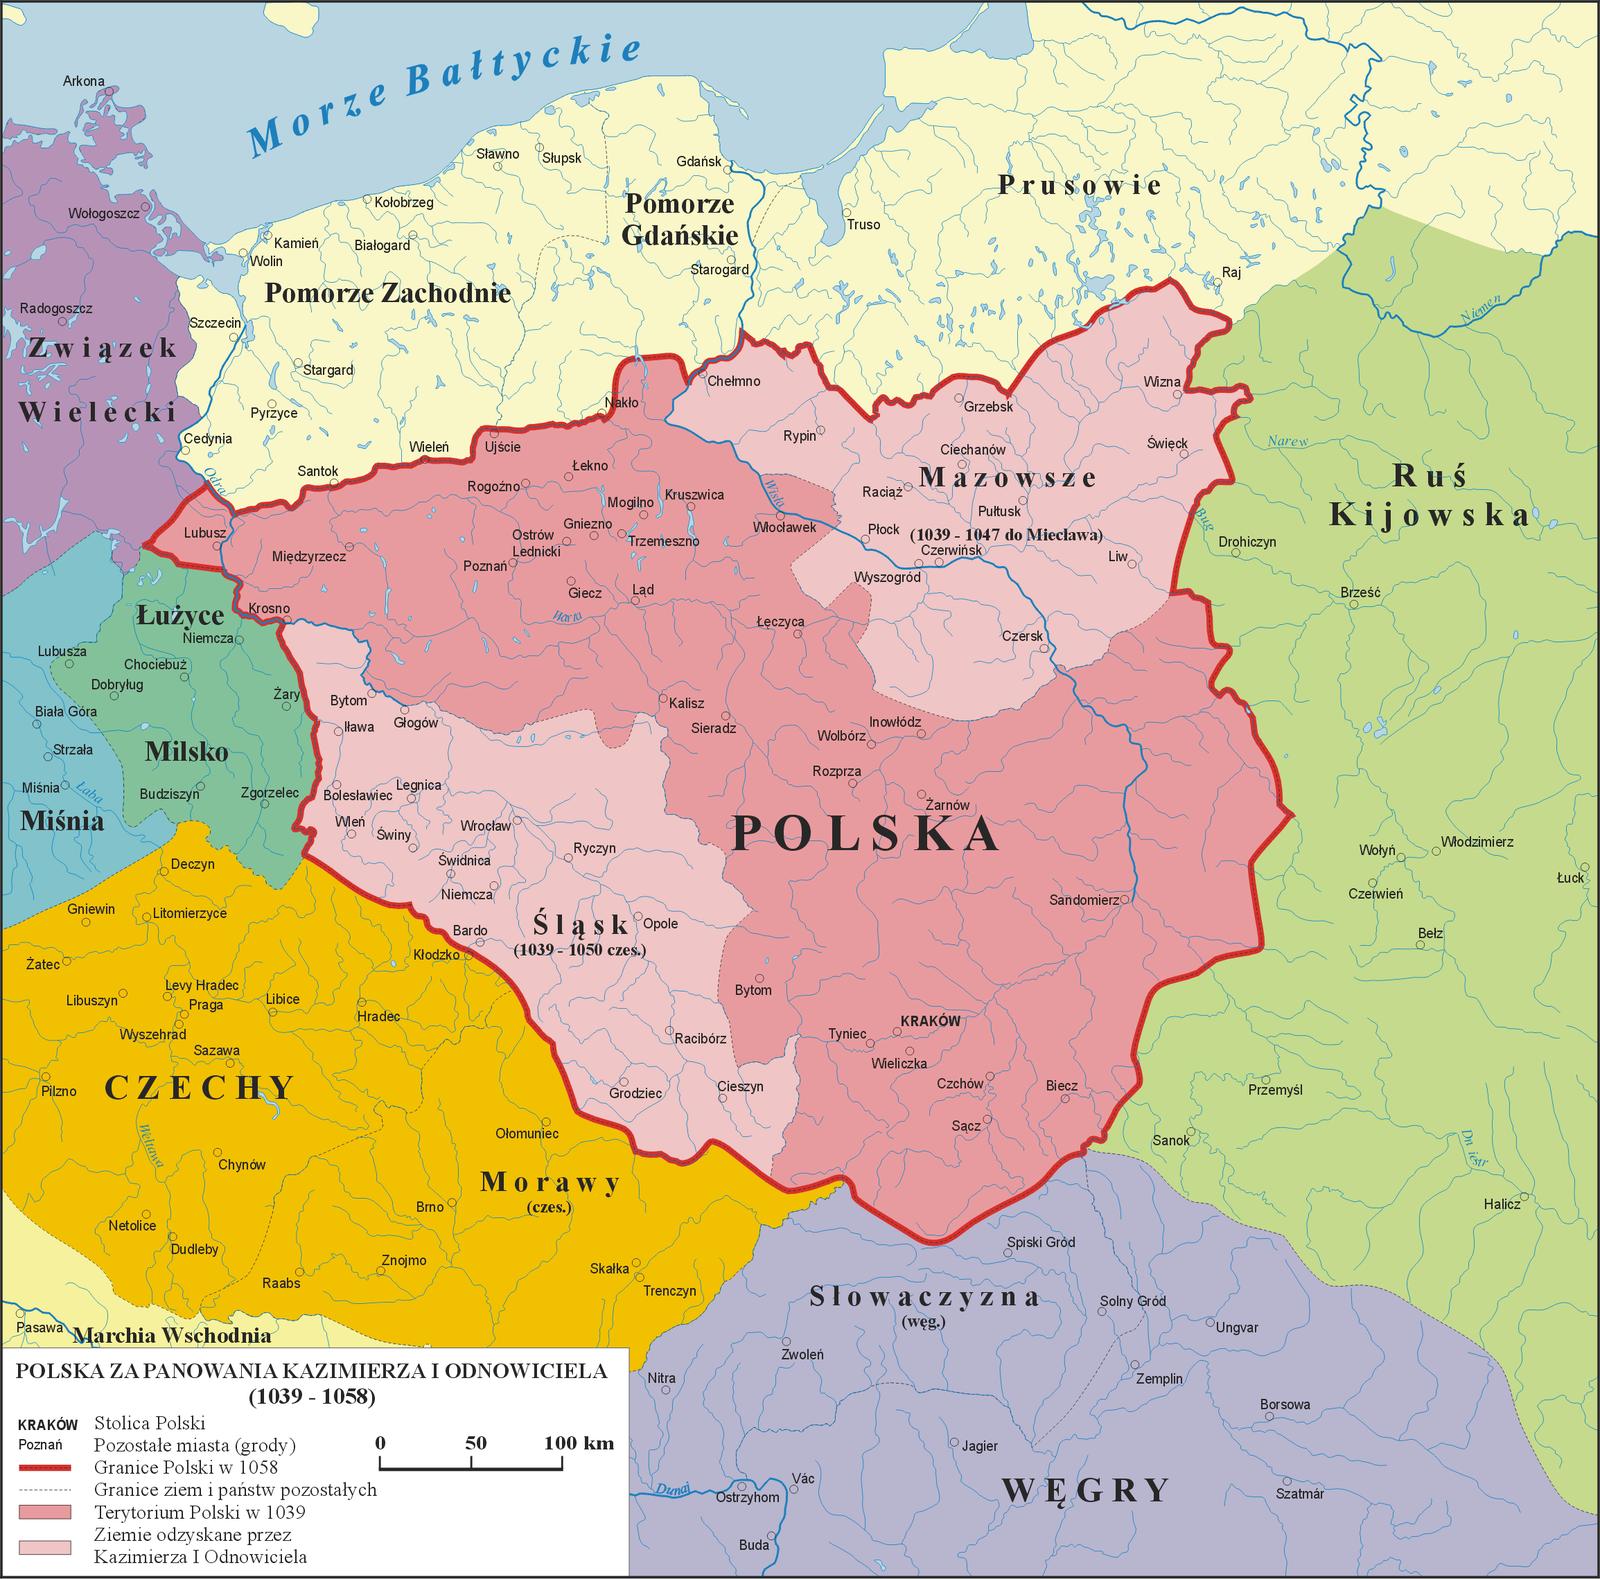 Mapa Polski za panowania Kazimierza IOdnowiciela (1039 - 1058)